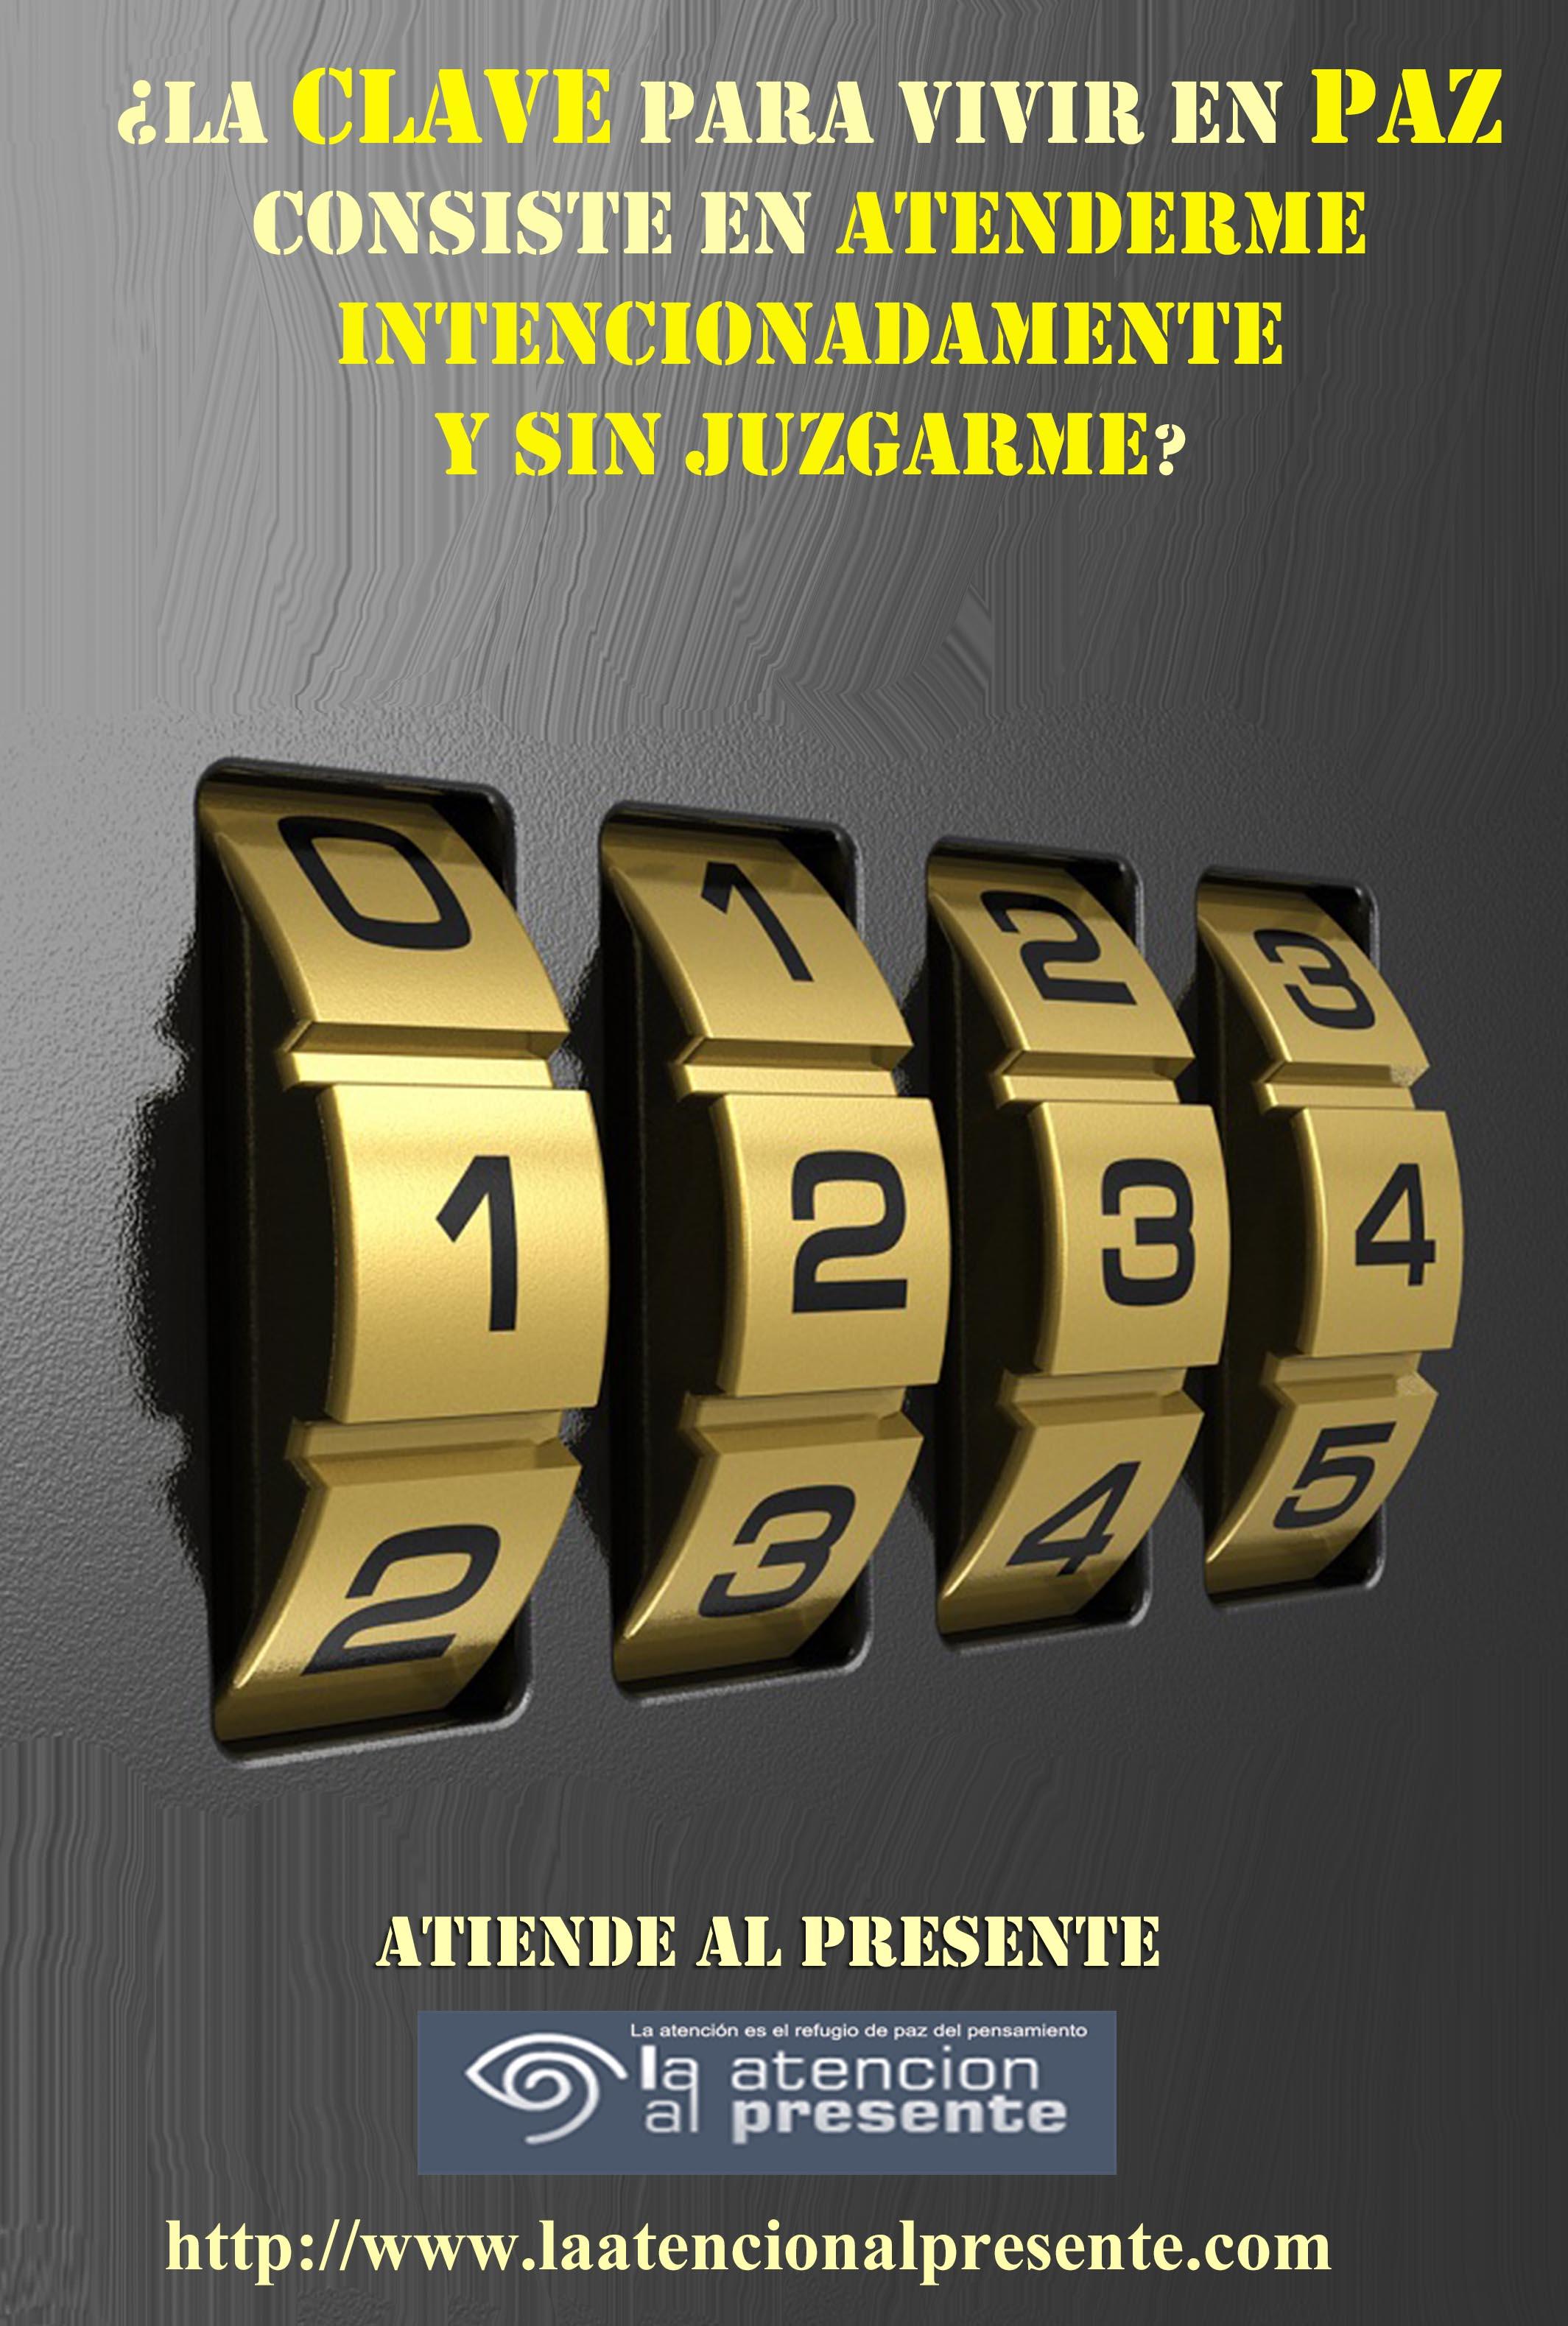 8 de julio Isa La clave para vivir en PAZ consiste en ATENDERME INTENCIONADAMENTE Y SIN JUZGARME